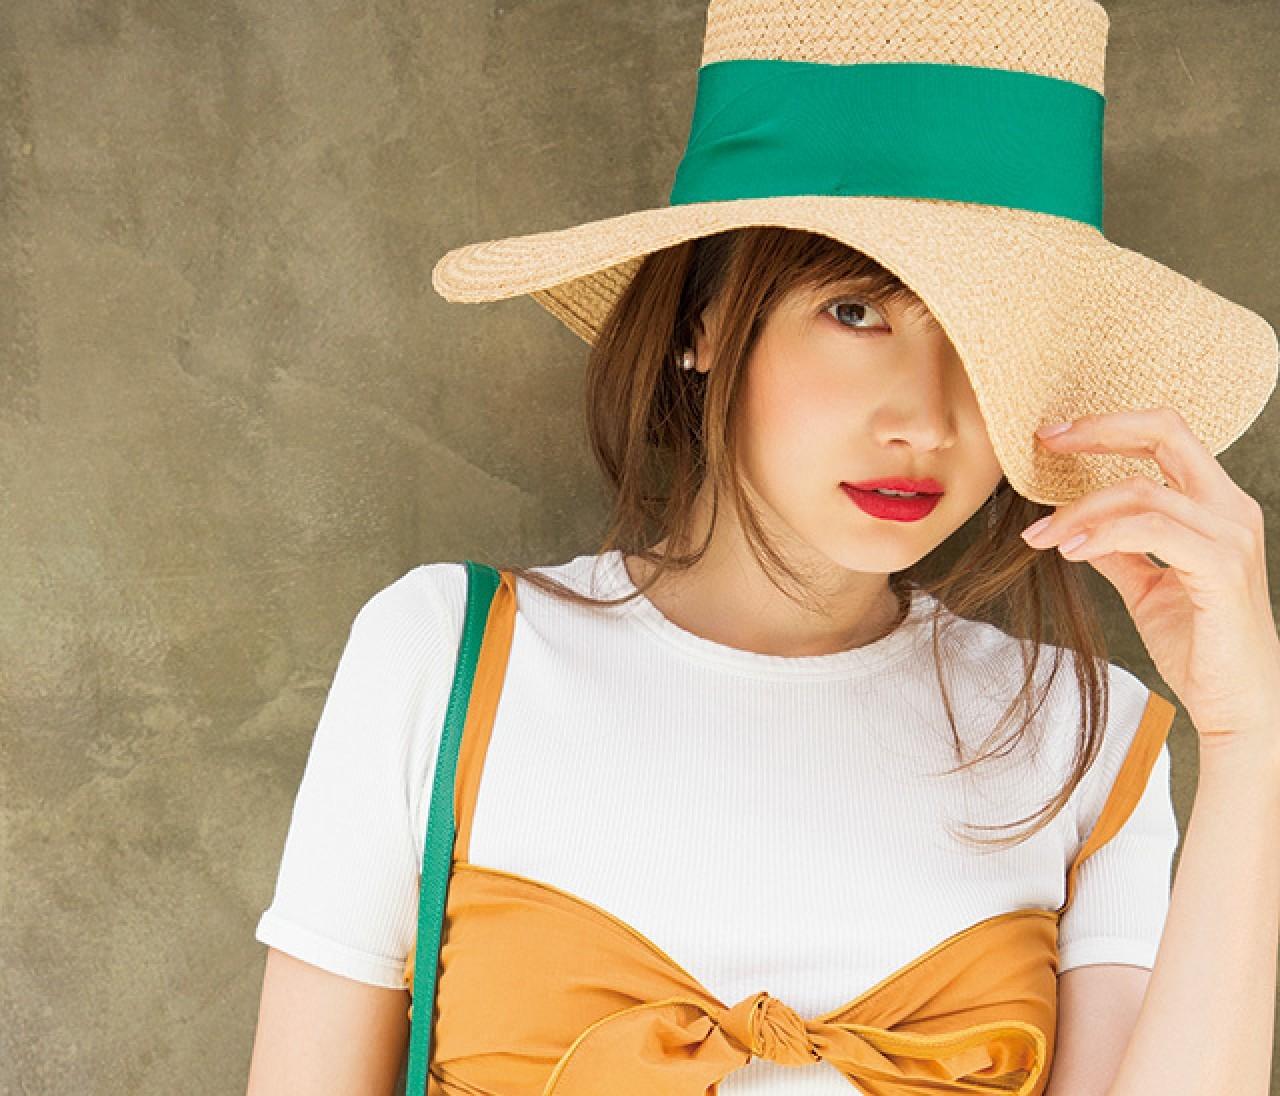 ヨンアの夏私服10スタイル全部見せます【祝♡COELデビュー】